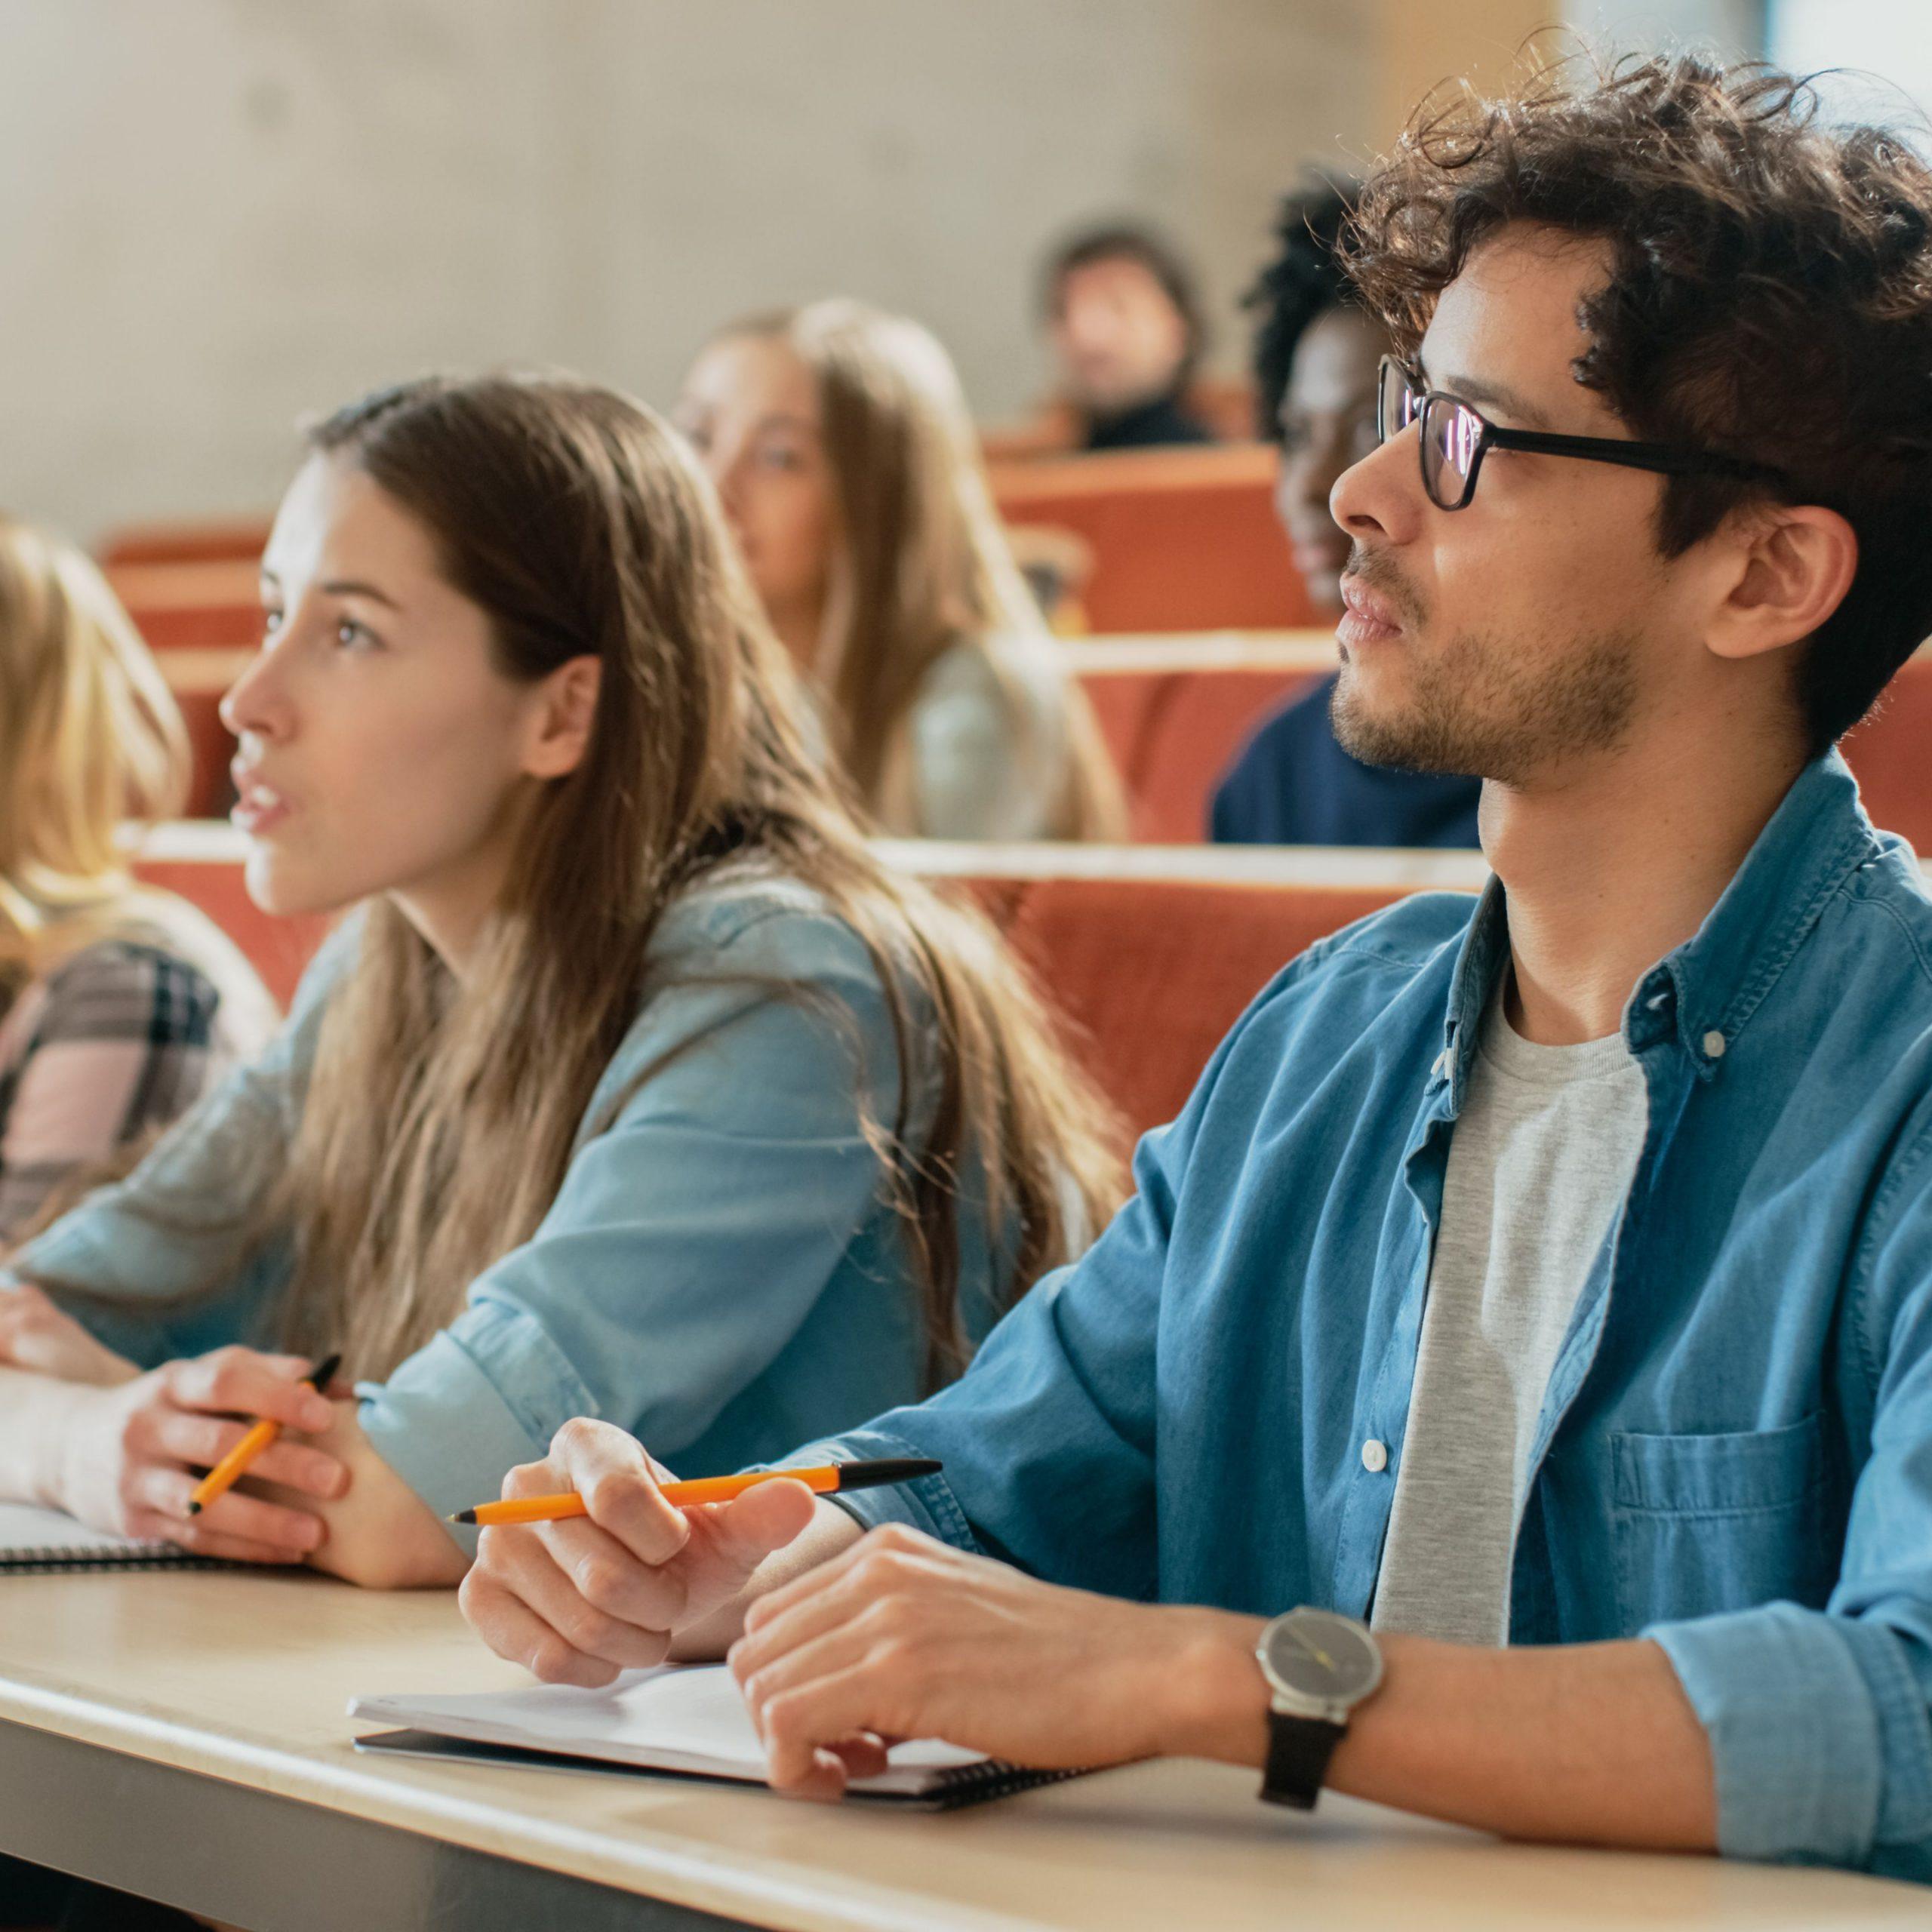 Học tiếng Anh tại Singapore là lựa chọn của nhiều du học sinh.